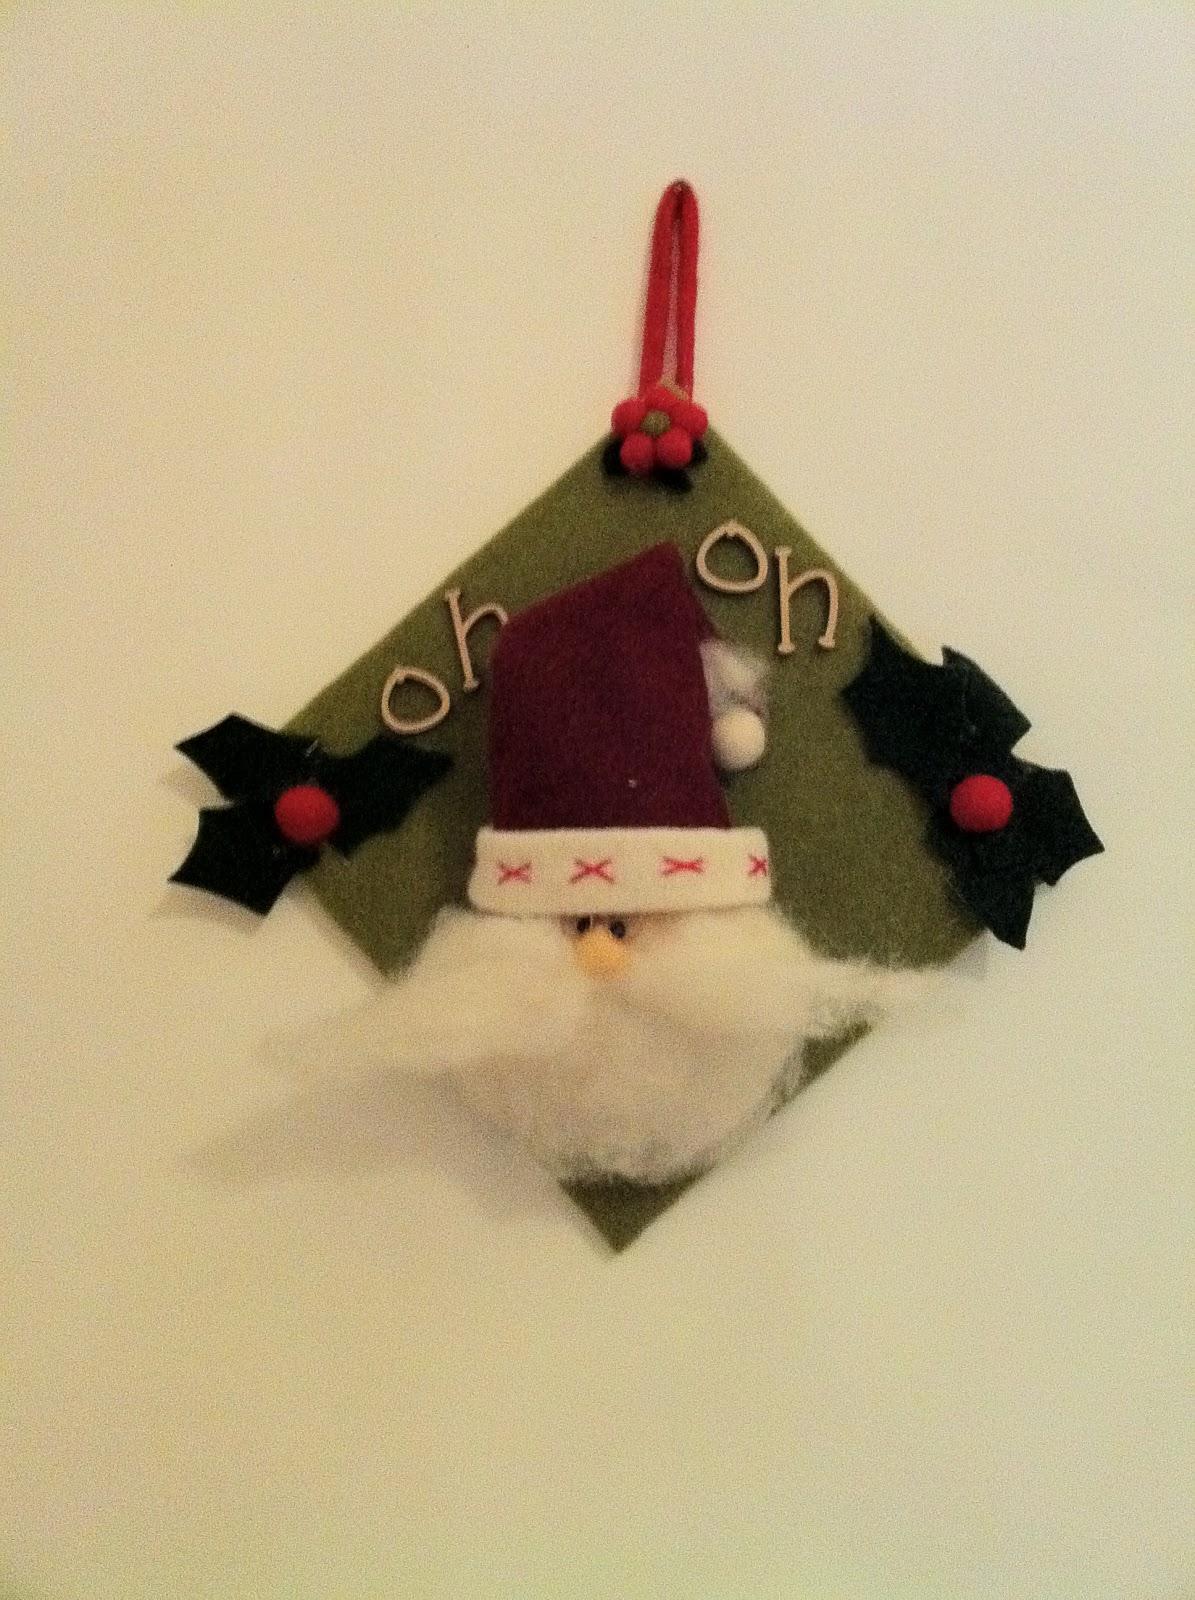 Magie di stelle decorazioni natalizie per la casa - Decorazioni natalizie per la porta di casa ...